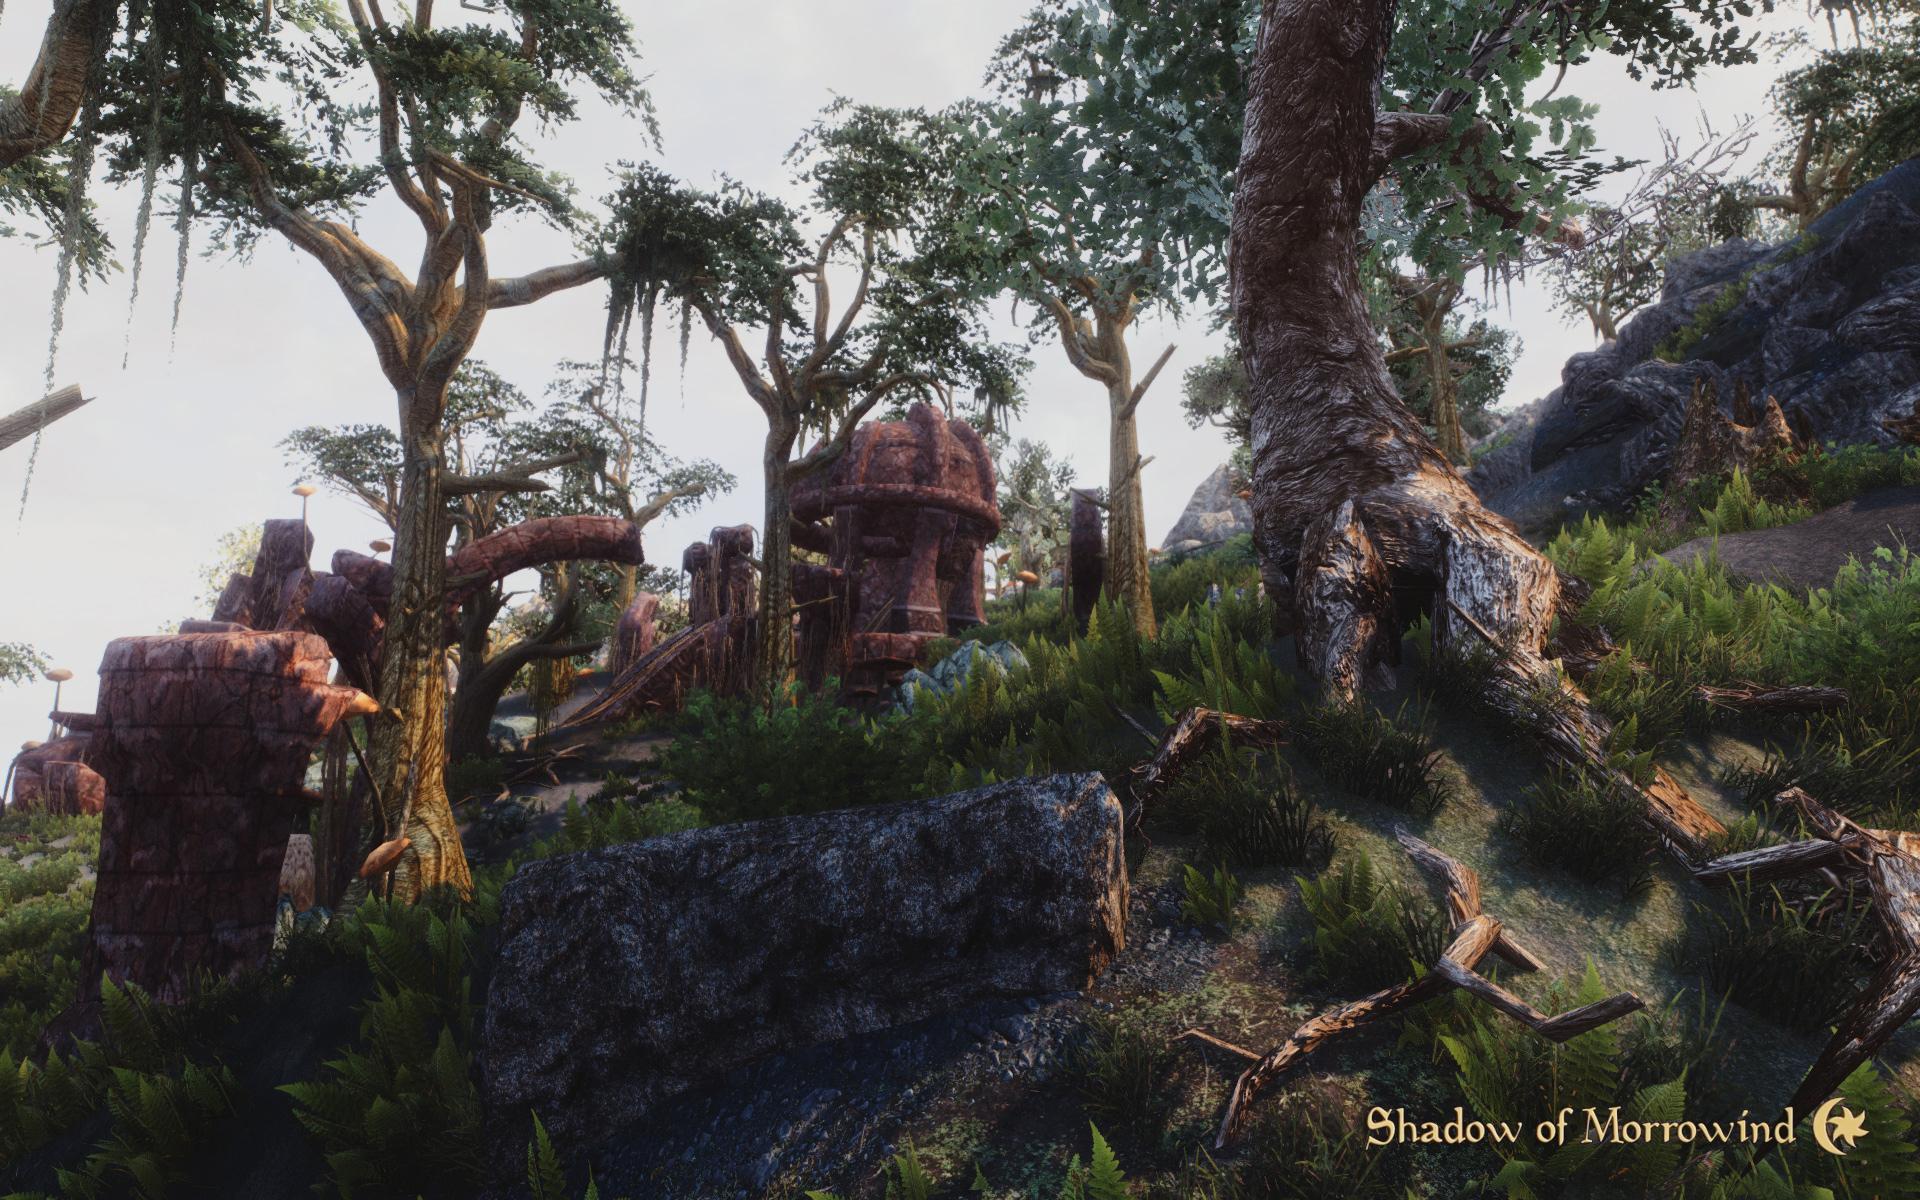 Daedric Ruin Image Shadow Of Morrowind Mod For Elder Scrolls V Skyrim Mod DB